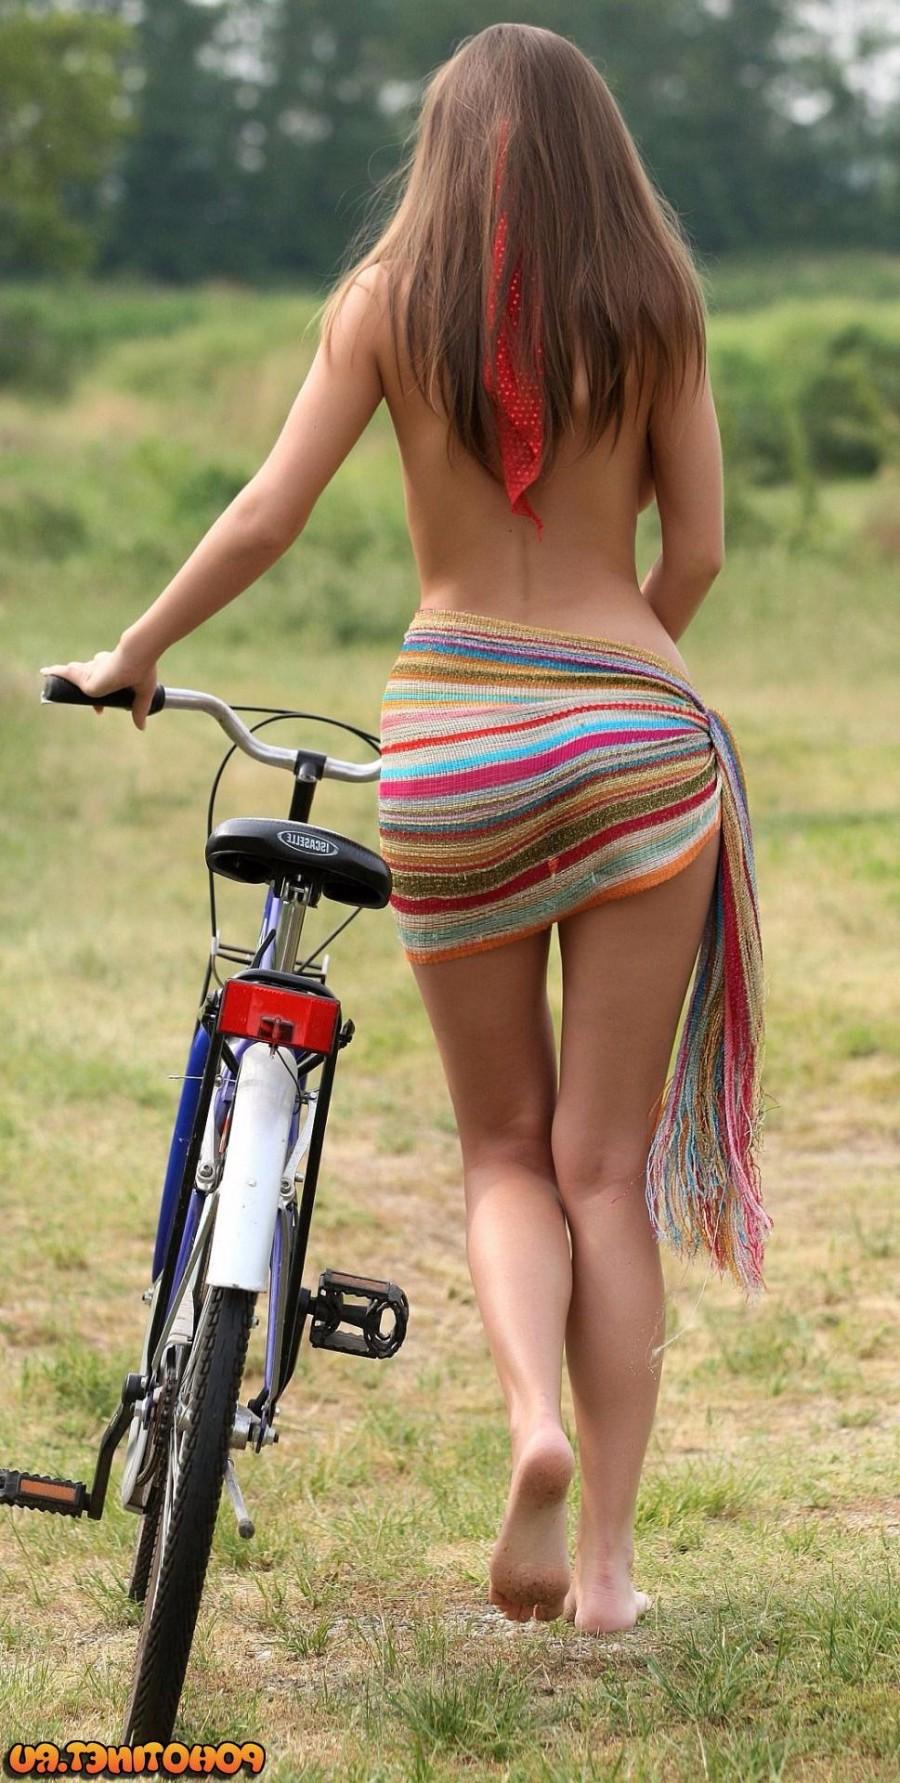 Полуголая велосипедистка